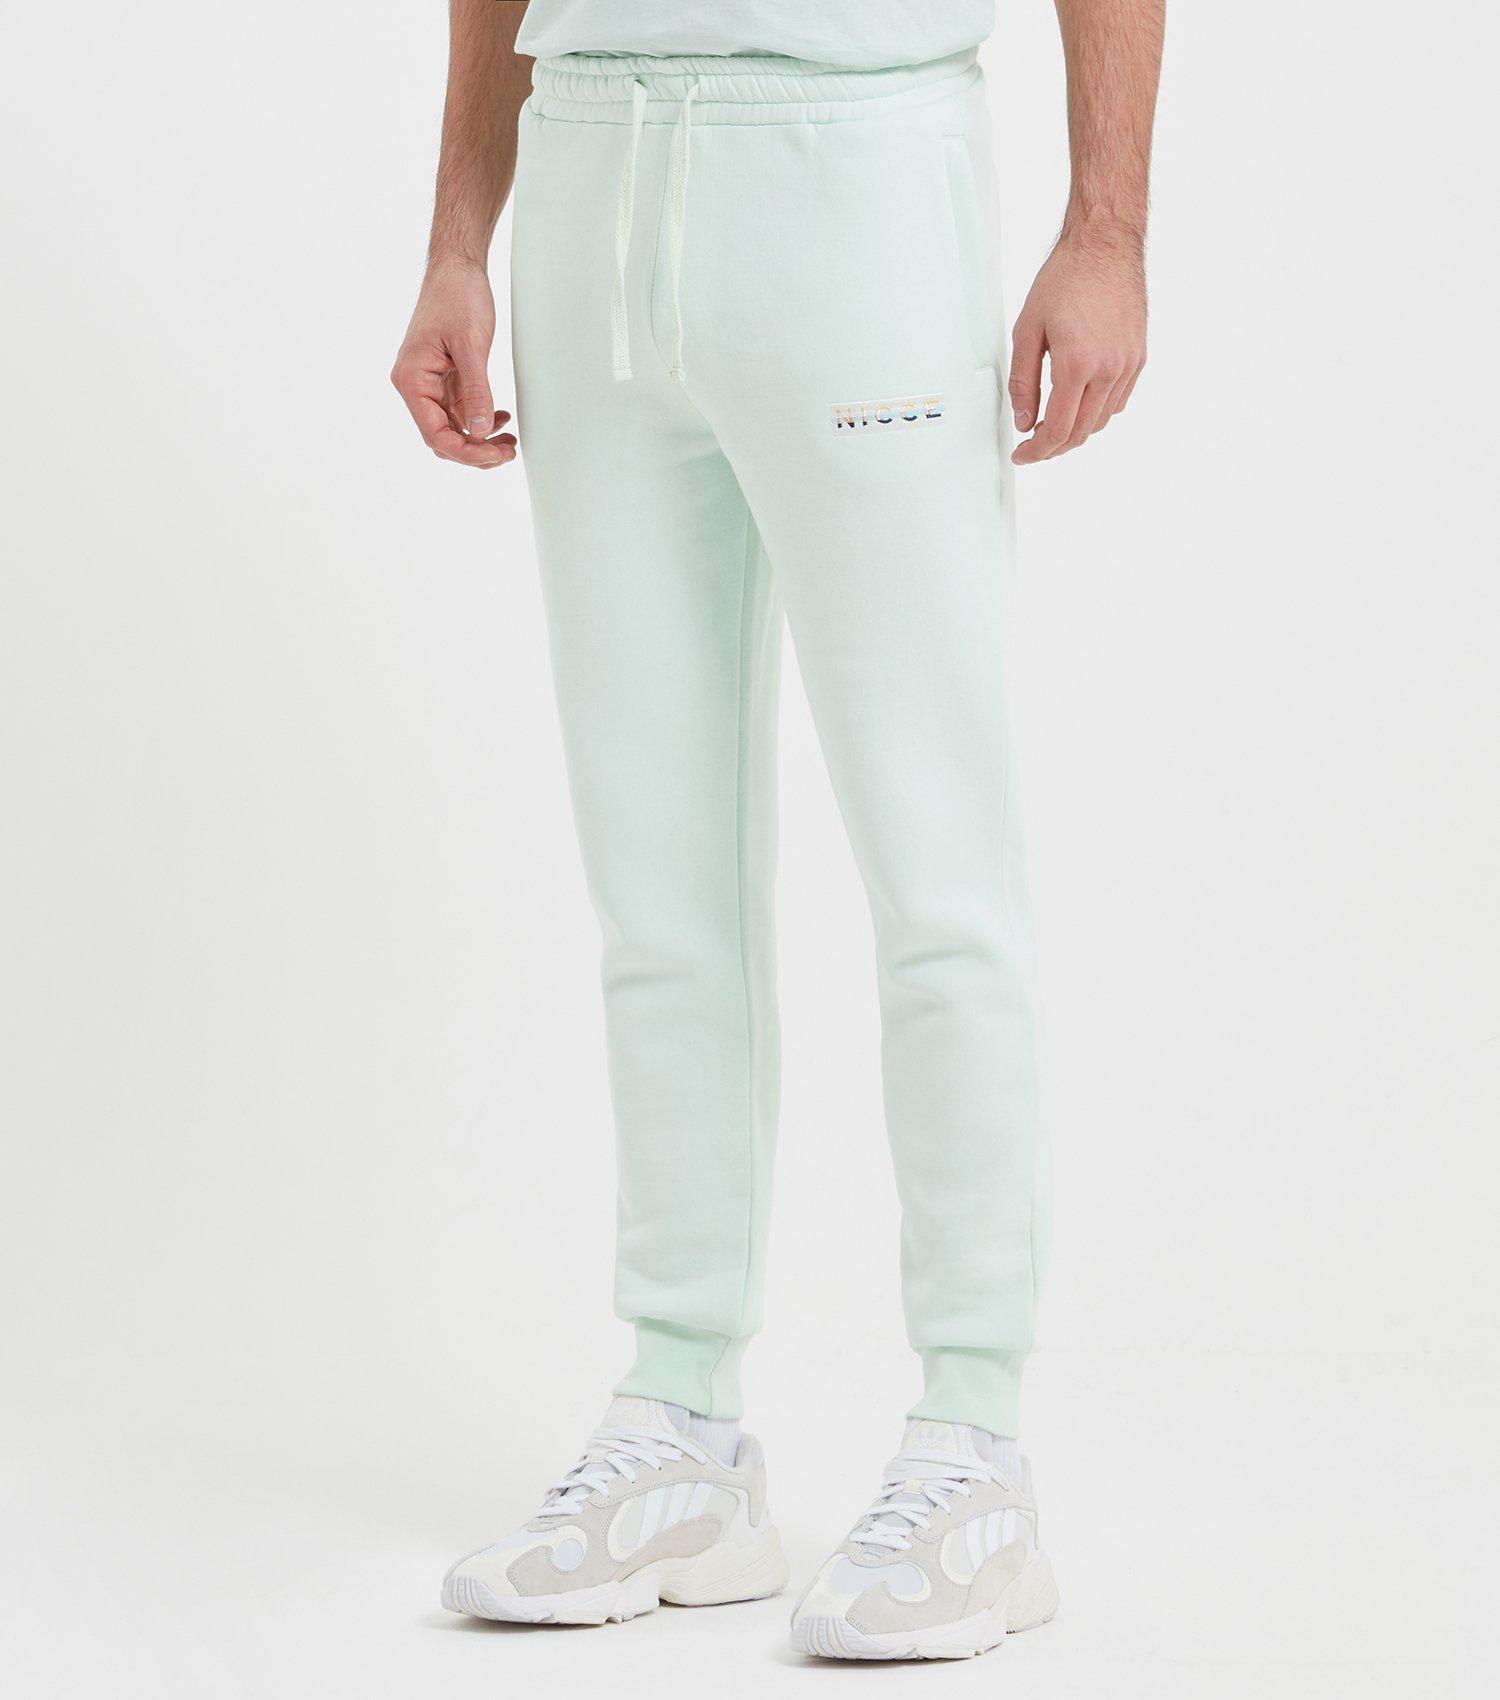 rozmiar 40 Data wydania ceny odprawy Nicce joggery spodnie dres M zara nike zalando